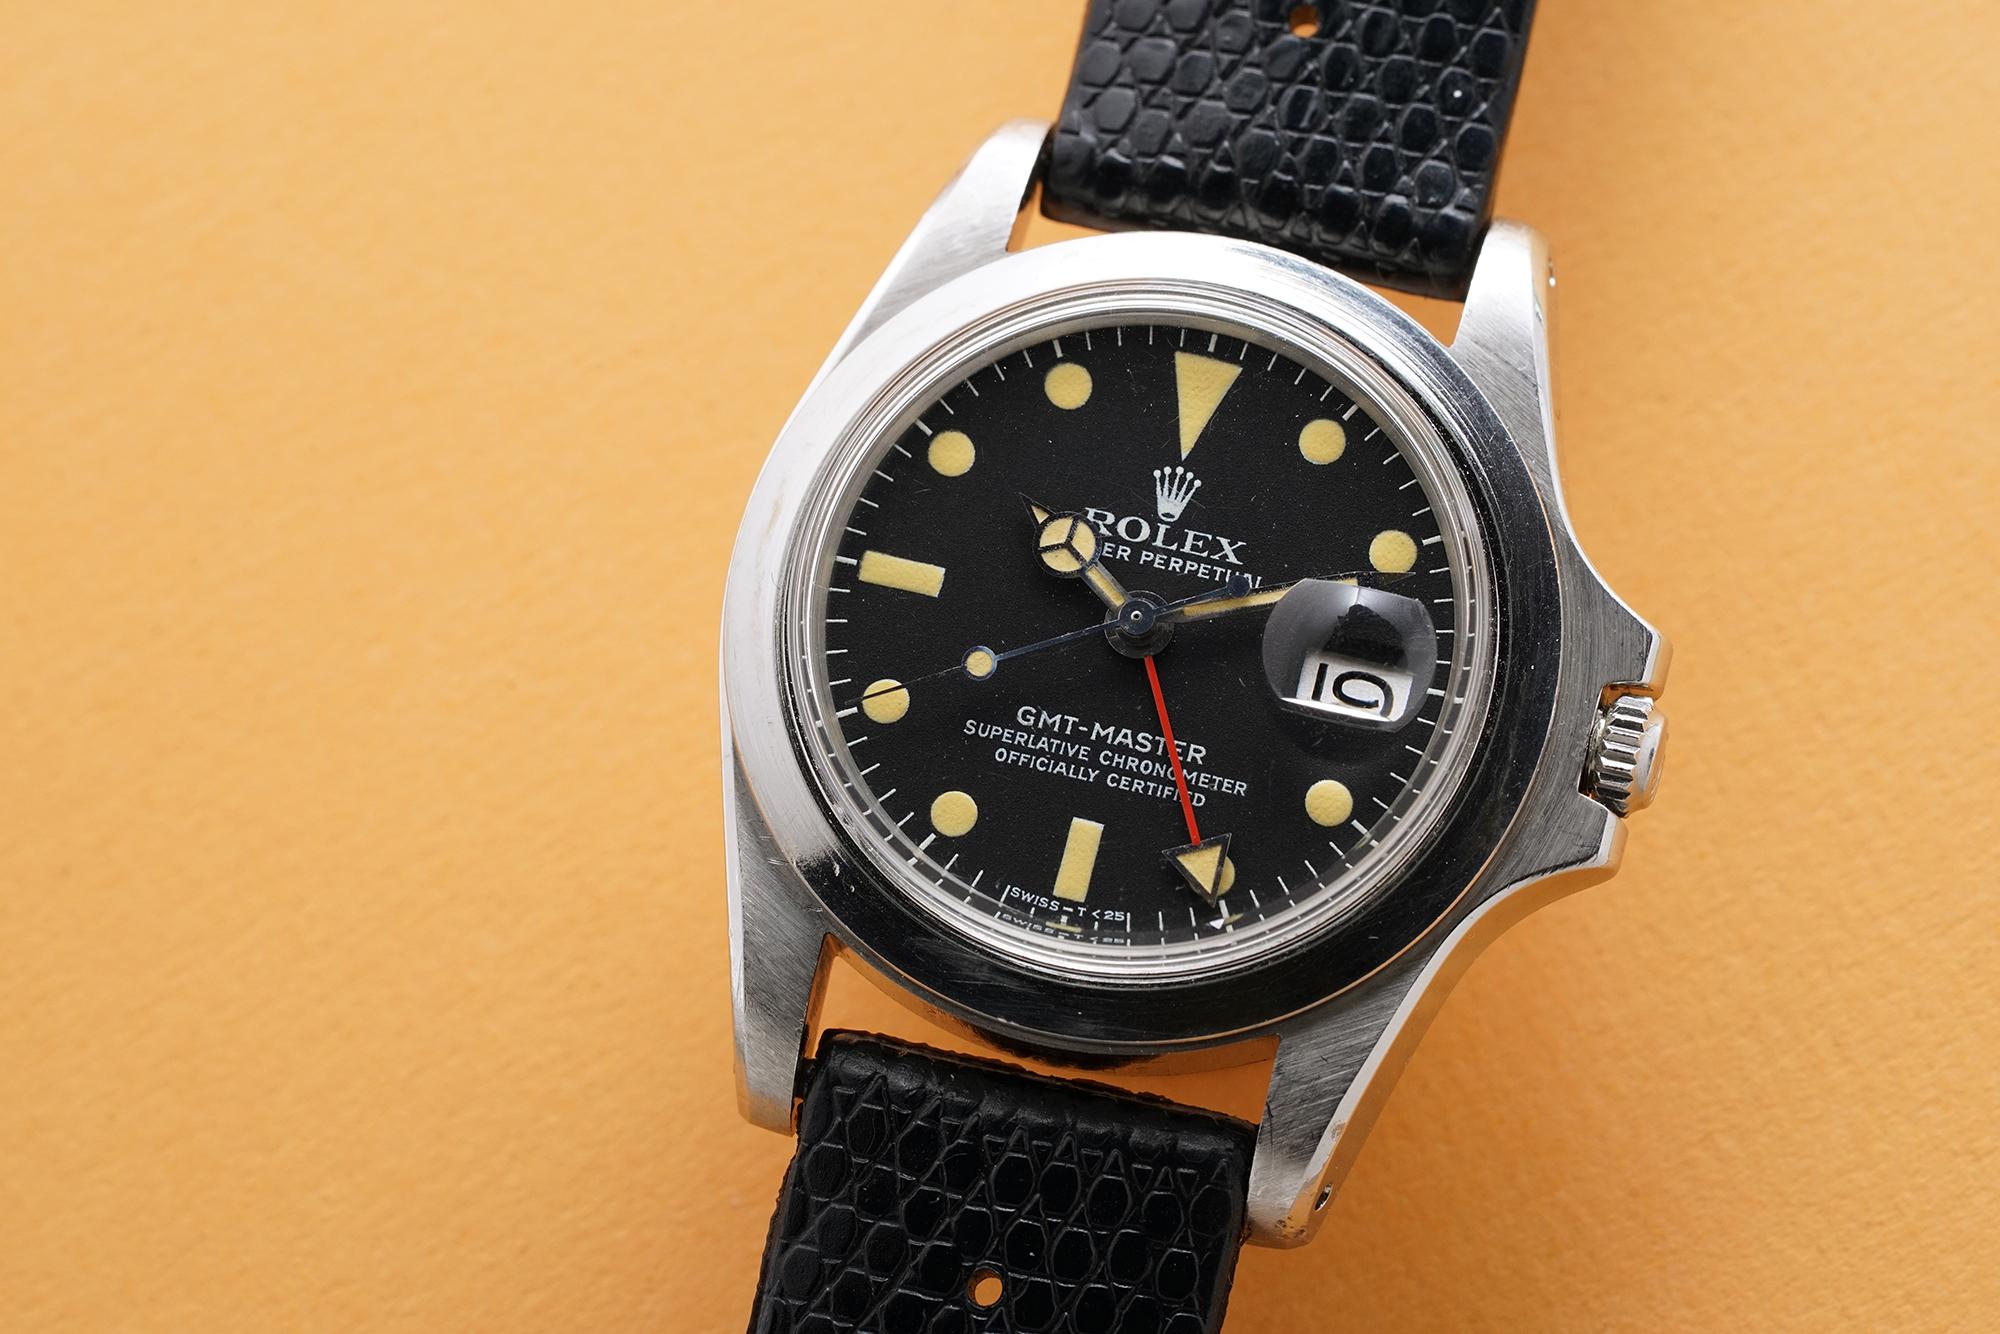 Marlon Brando's Rolex GMT-Master, Vintage Rolex Watches